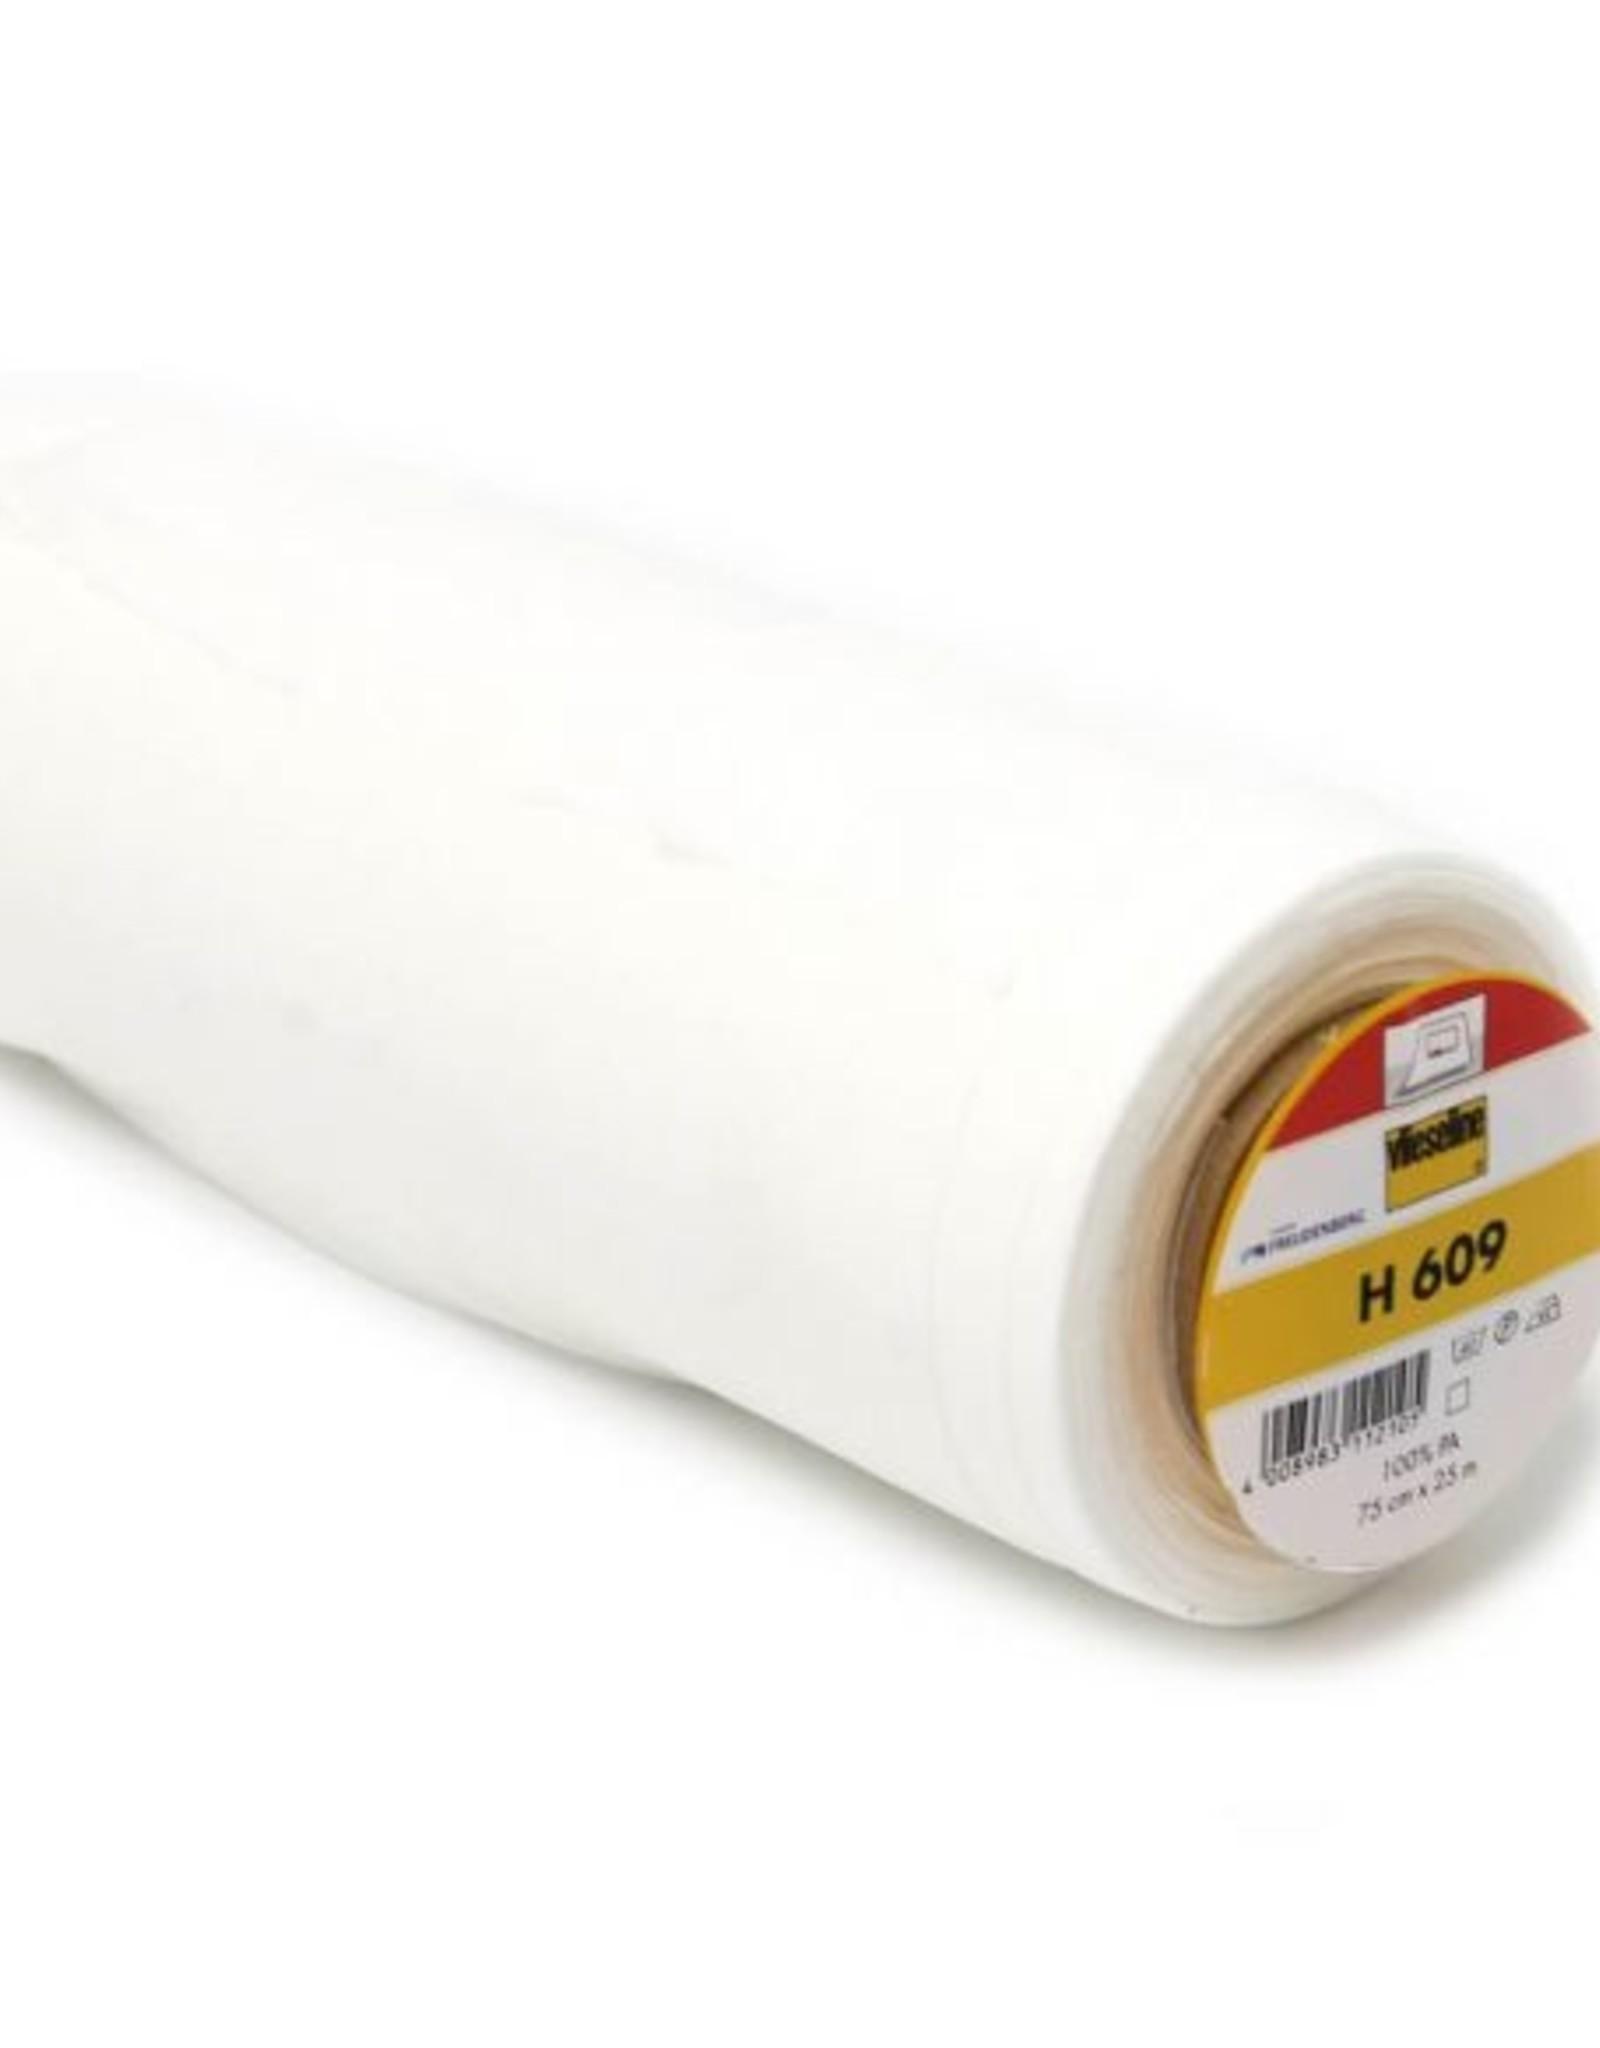 Vlieseline Strijkvlies versteviging Elastisch- H609 - Wit